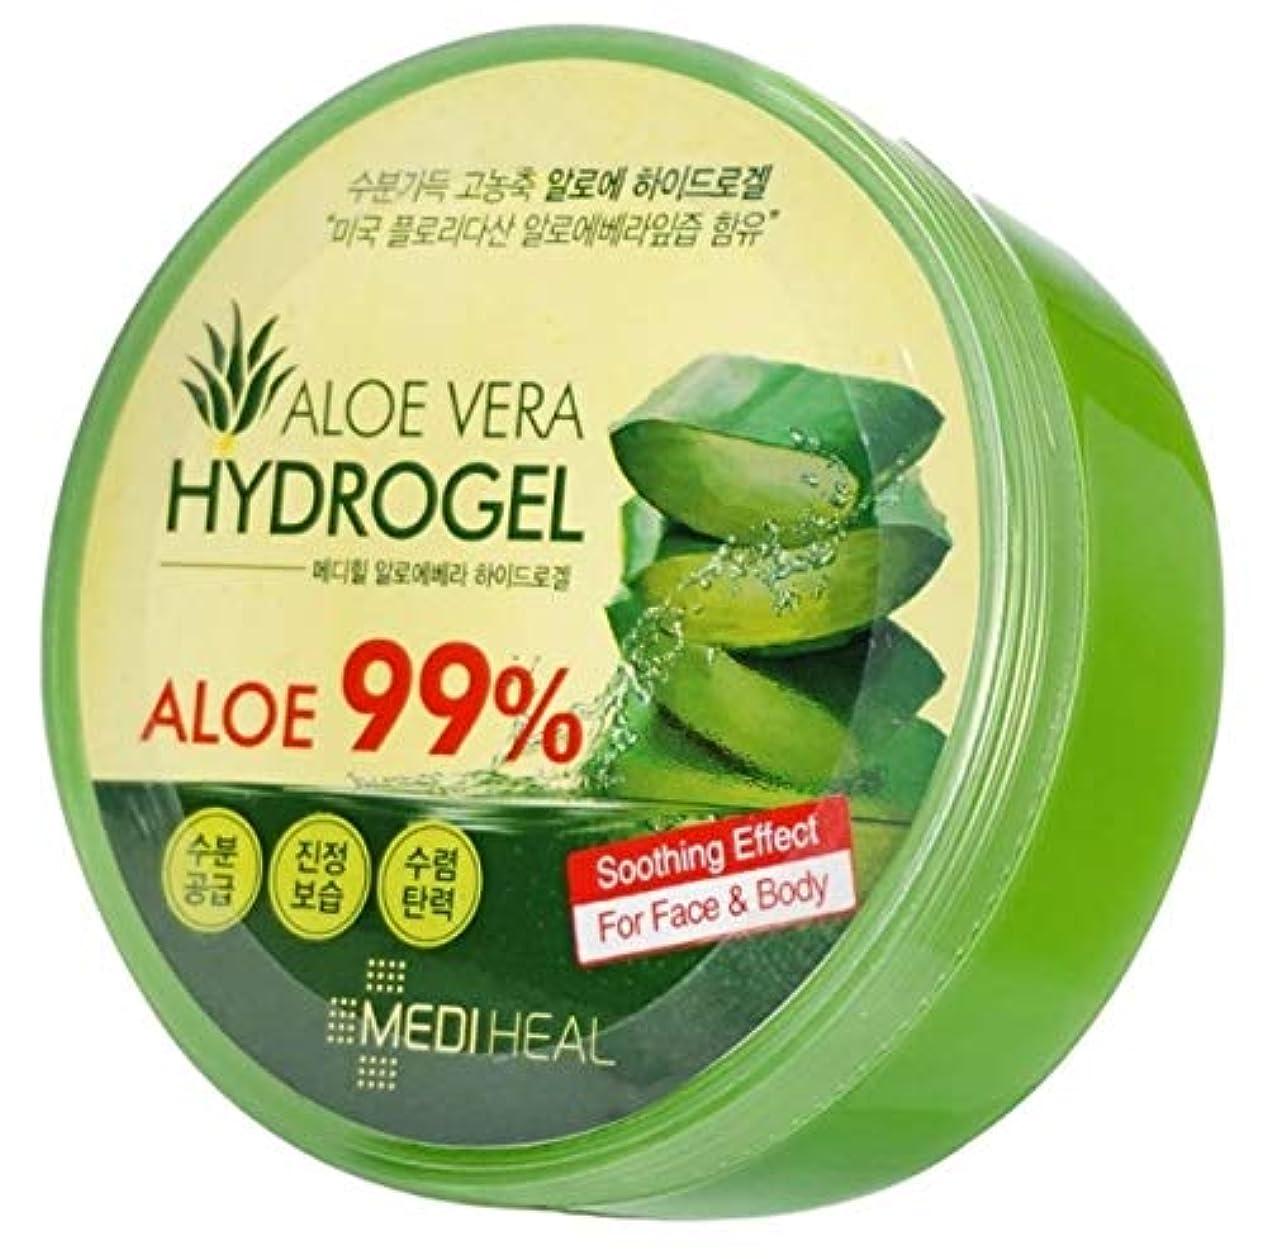 病気の反乱不誠実Mediheal メディヒール Skin Soothing なだめるような & Moisture 水分 99% Aloe アロエ Vera Hydro Gels ハイドロゲル